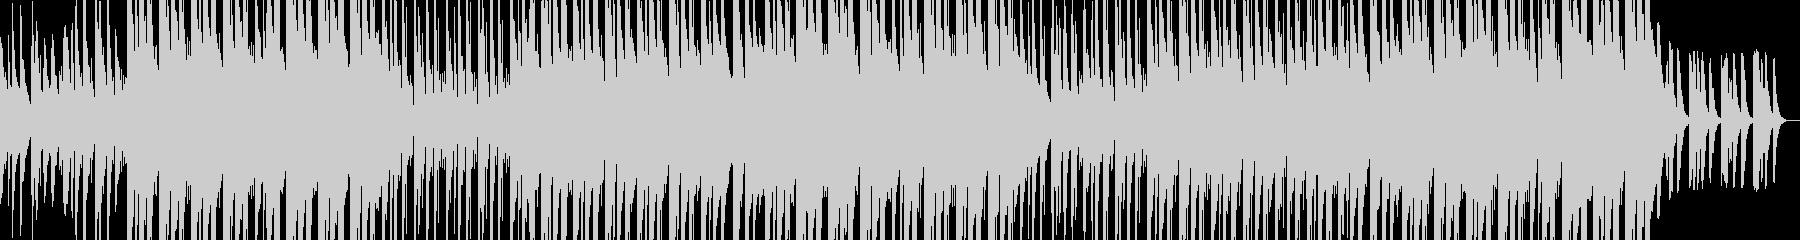 ポップなピアノのヒップホップの未再生の波形